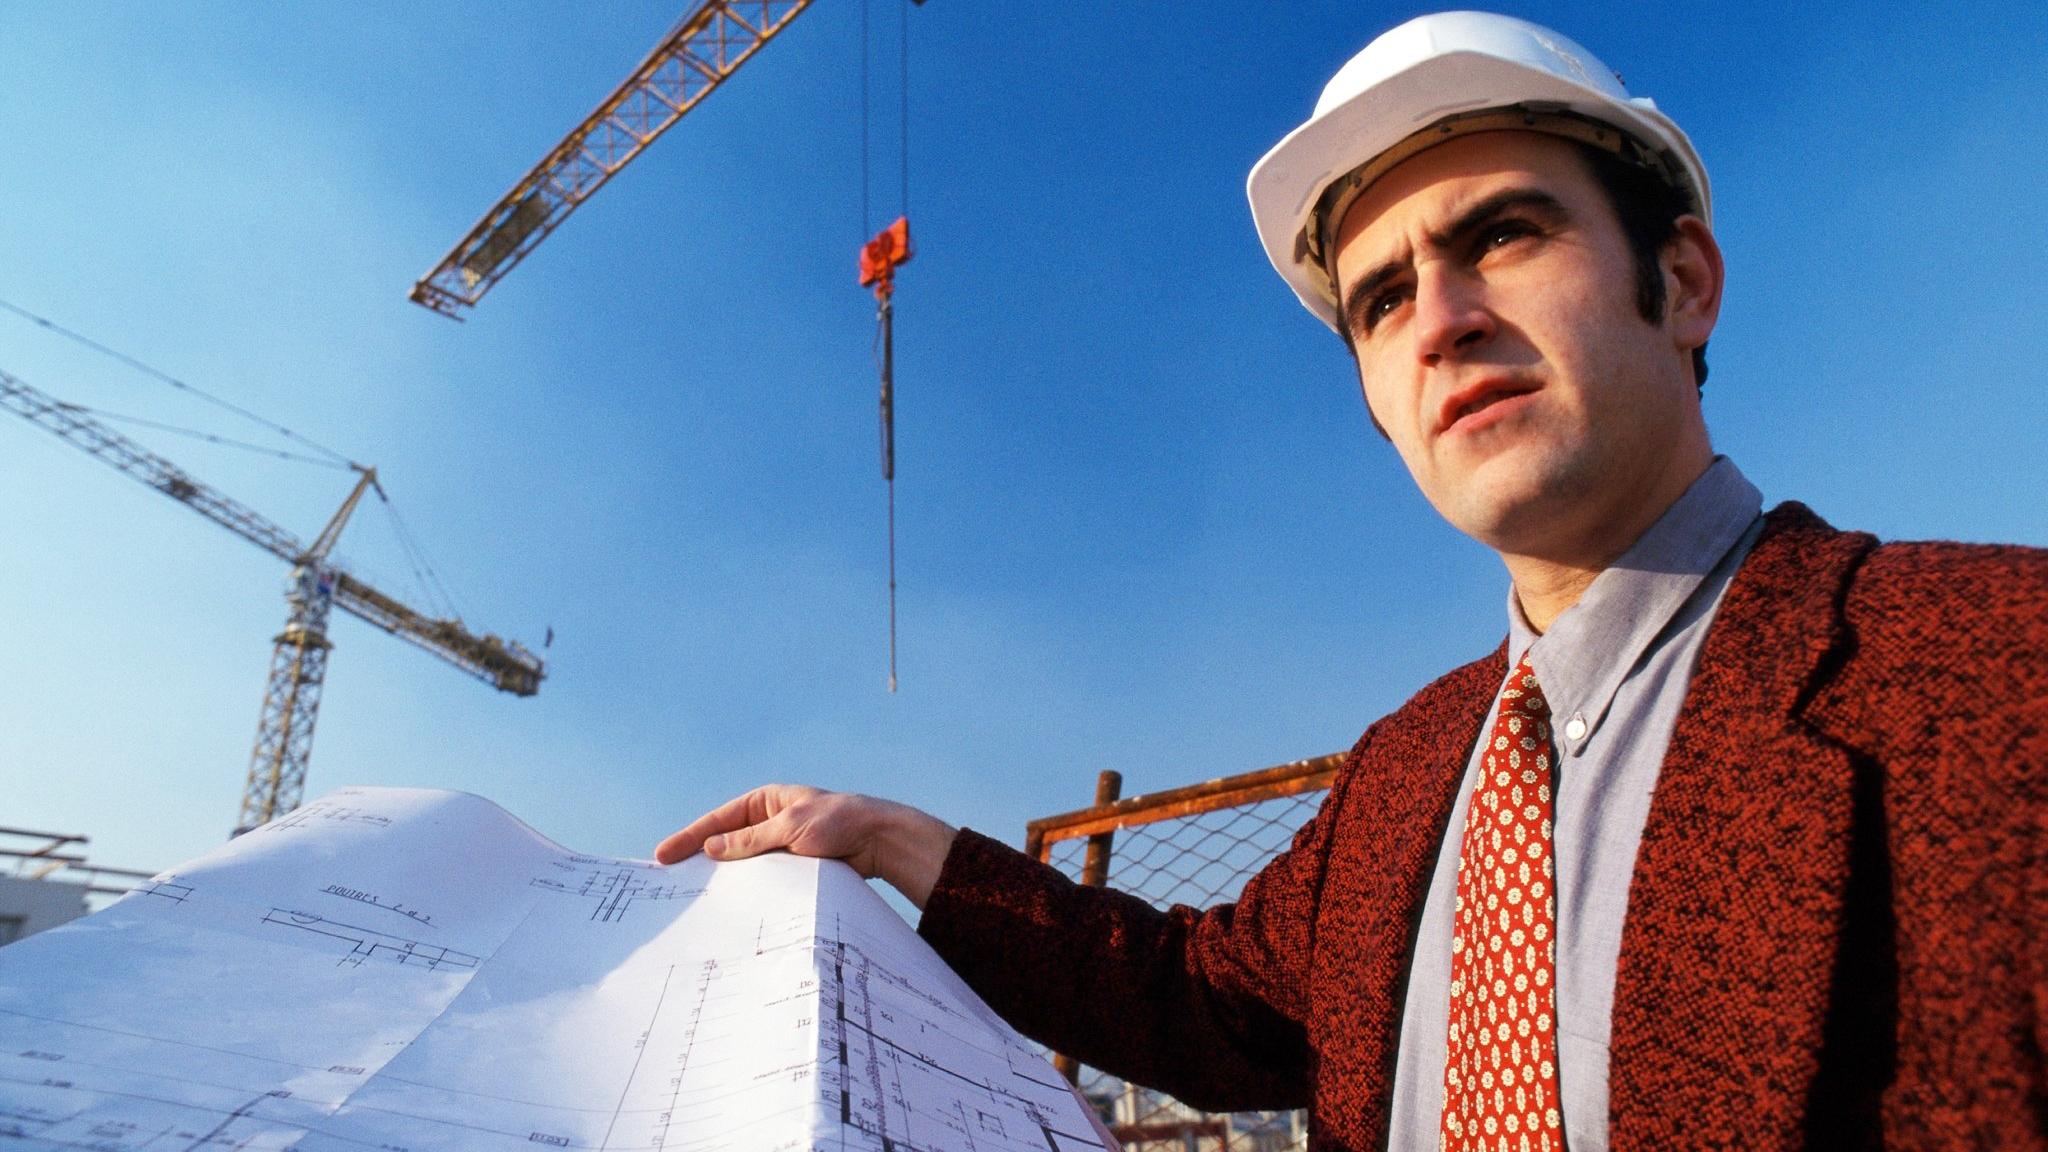 Rechtsfrage: Baukosten - Wie können wir uns gegen den Architekten wehren?